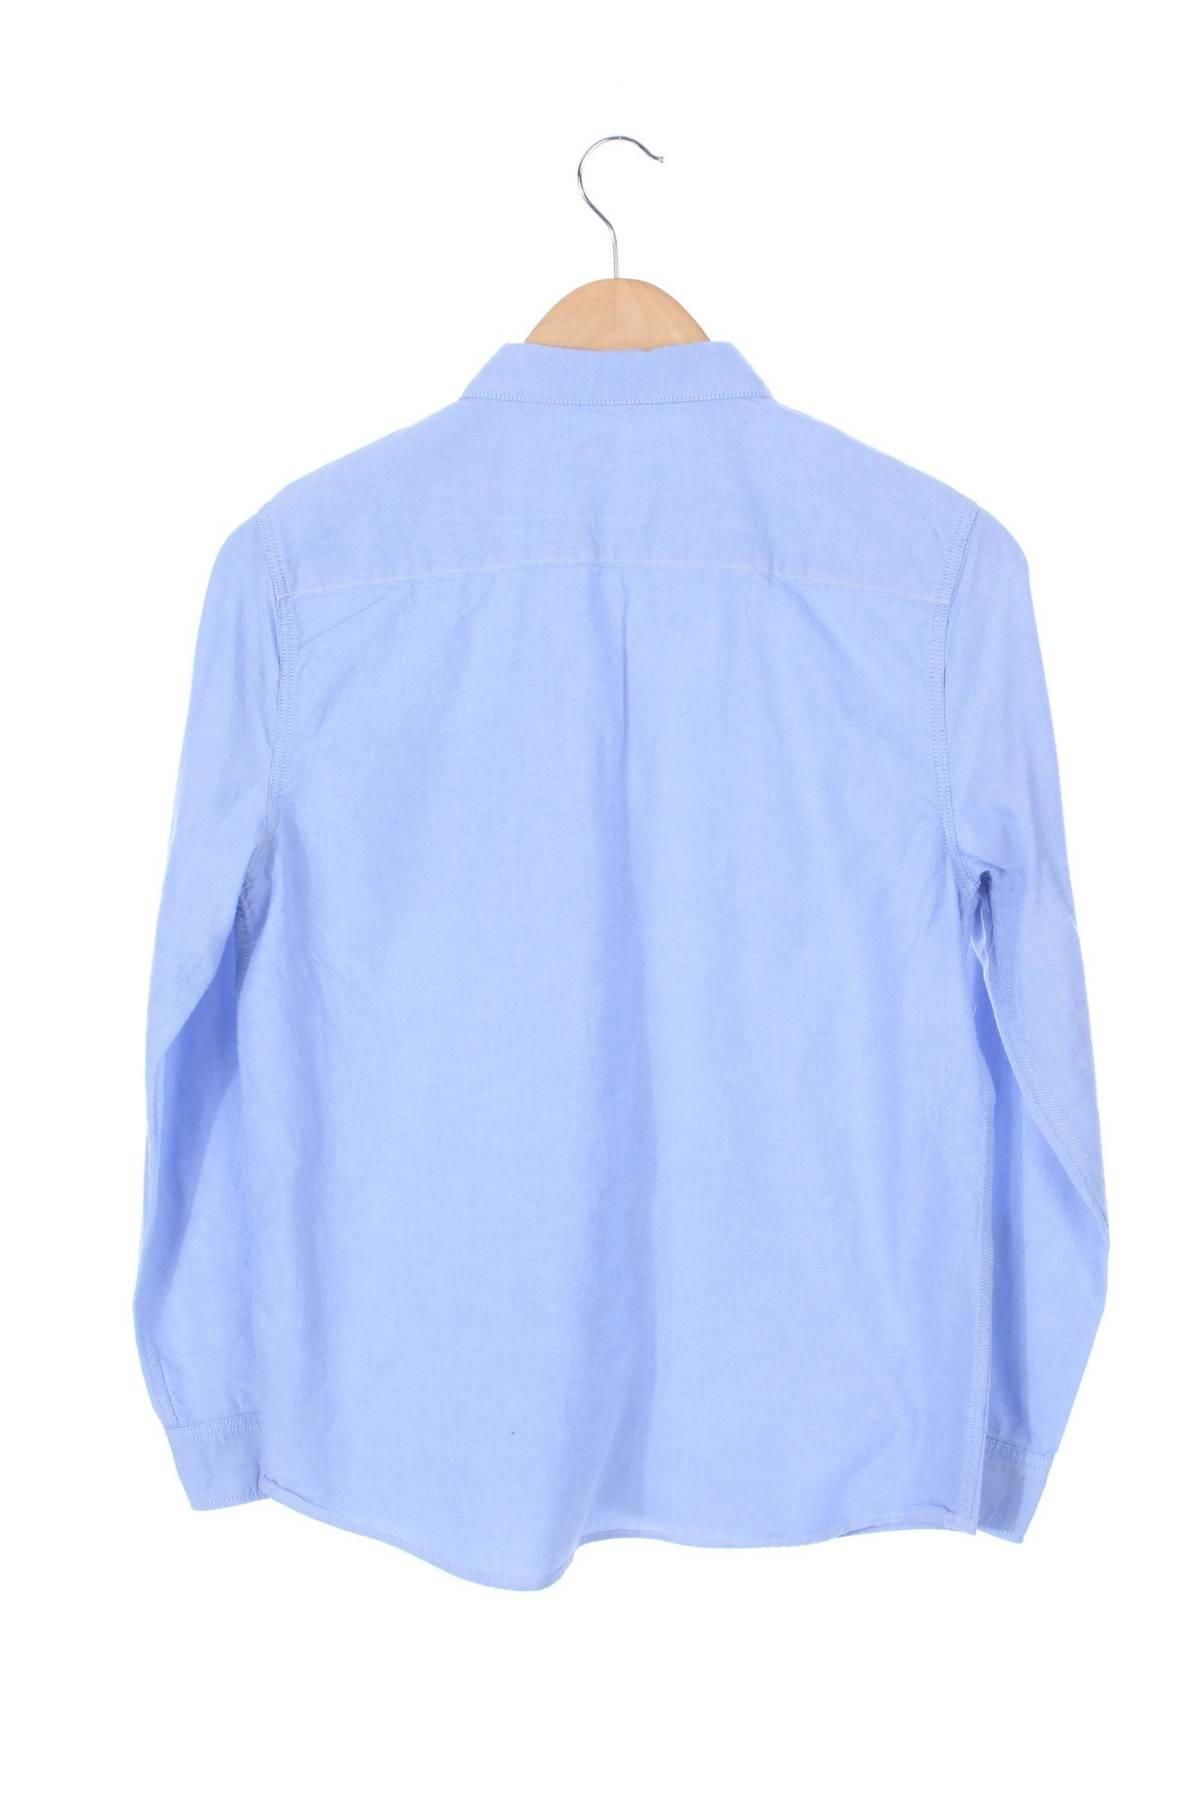 Детска риза ZARA Boys1